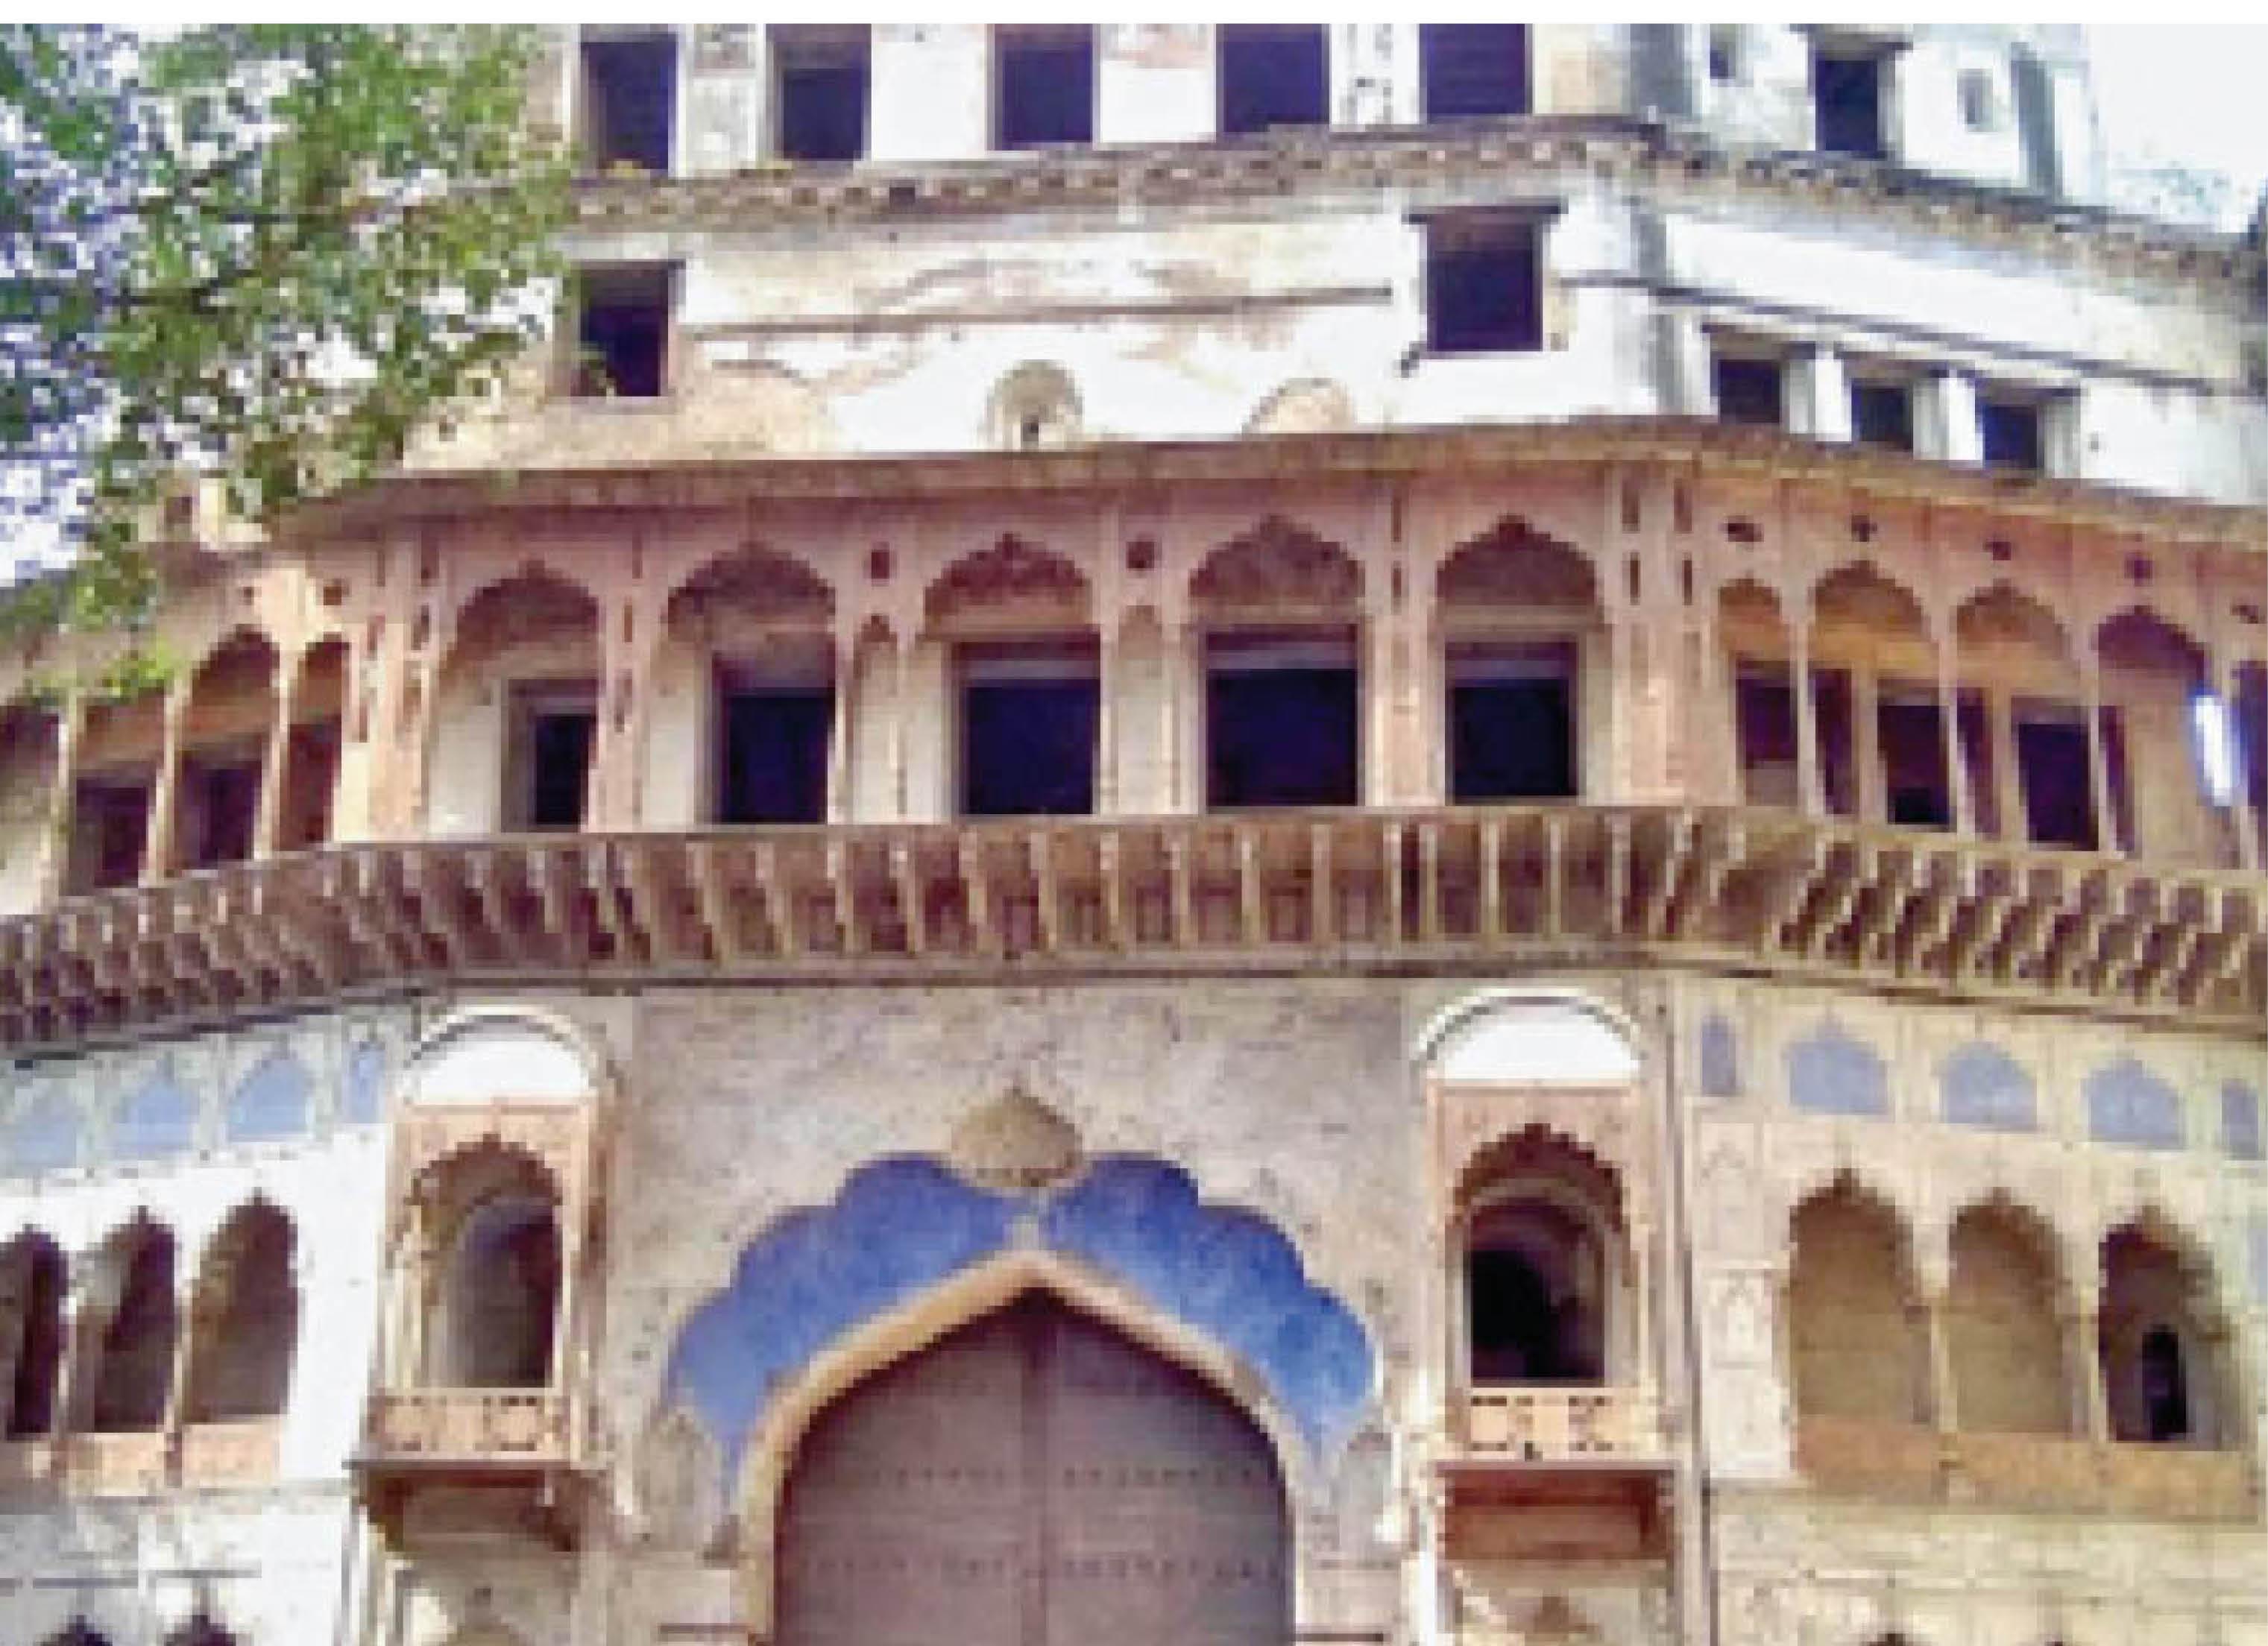 भोपाल का ताजमहल फिर इंदौर की कंपनी को सौंपा, 47 महीने में बनाना होगा हैरिटेज होटल भोपाल,Bhopal - Dainik Bhaskar